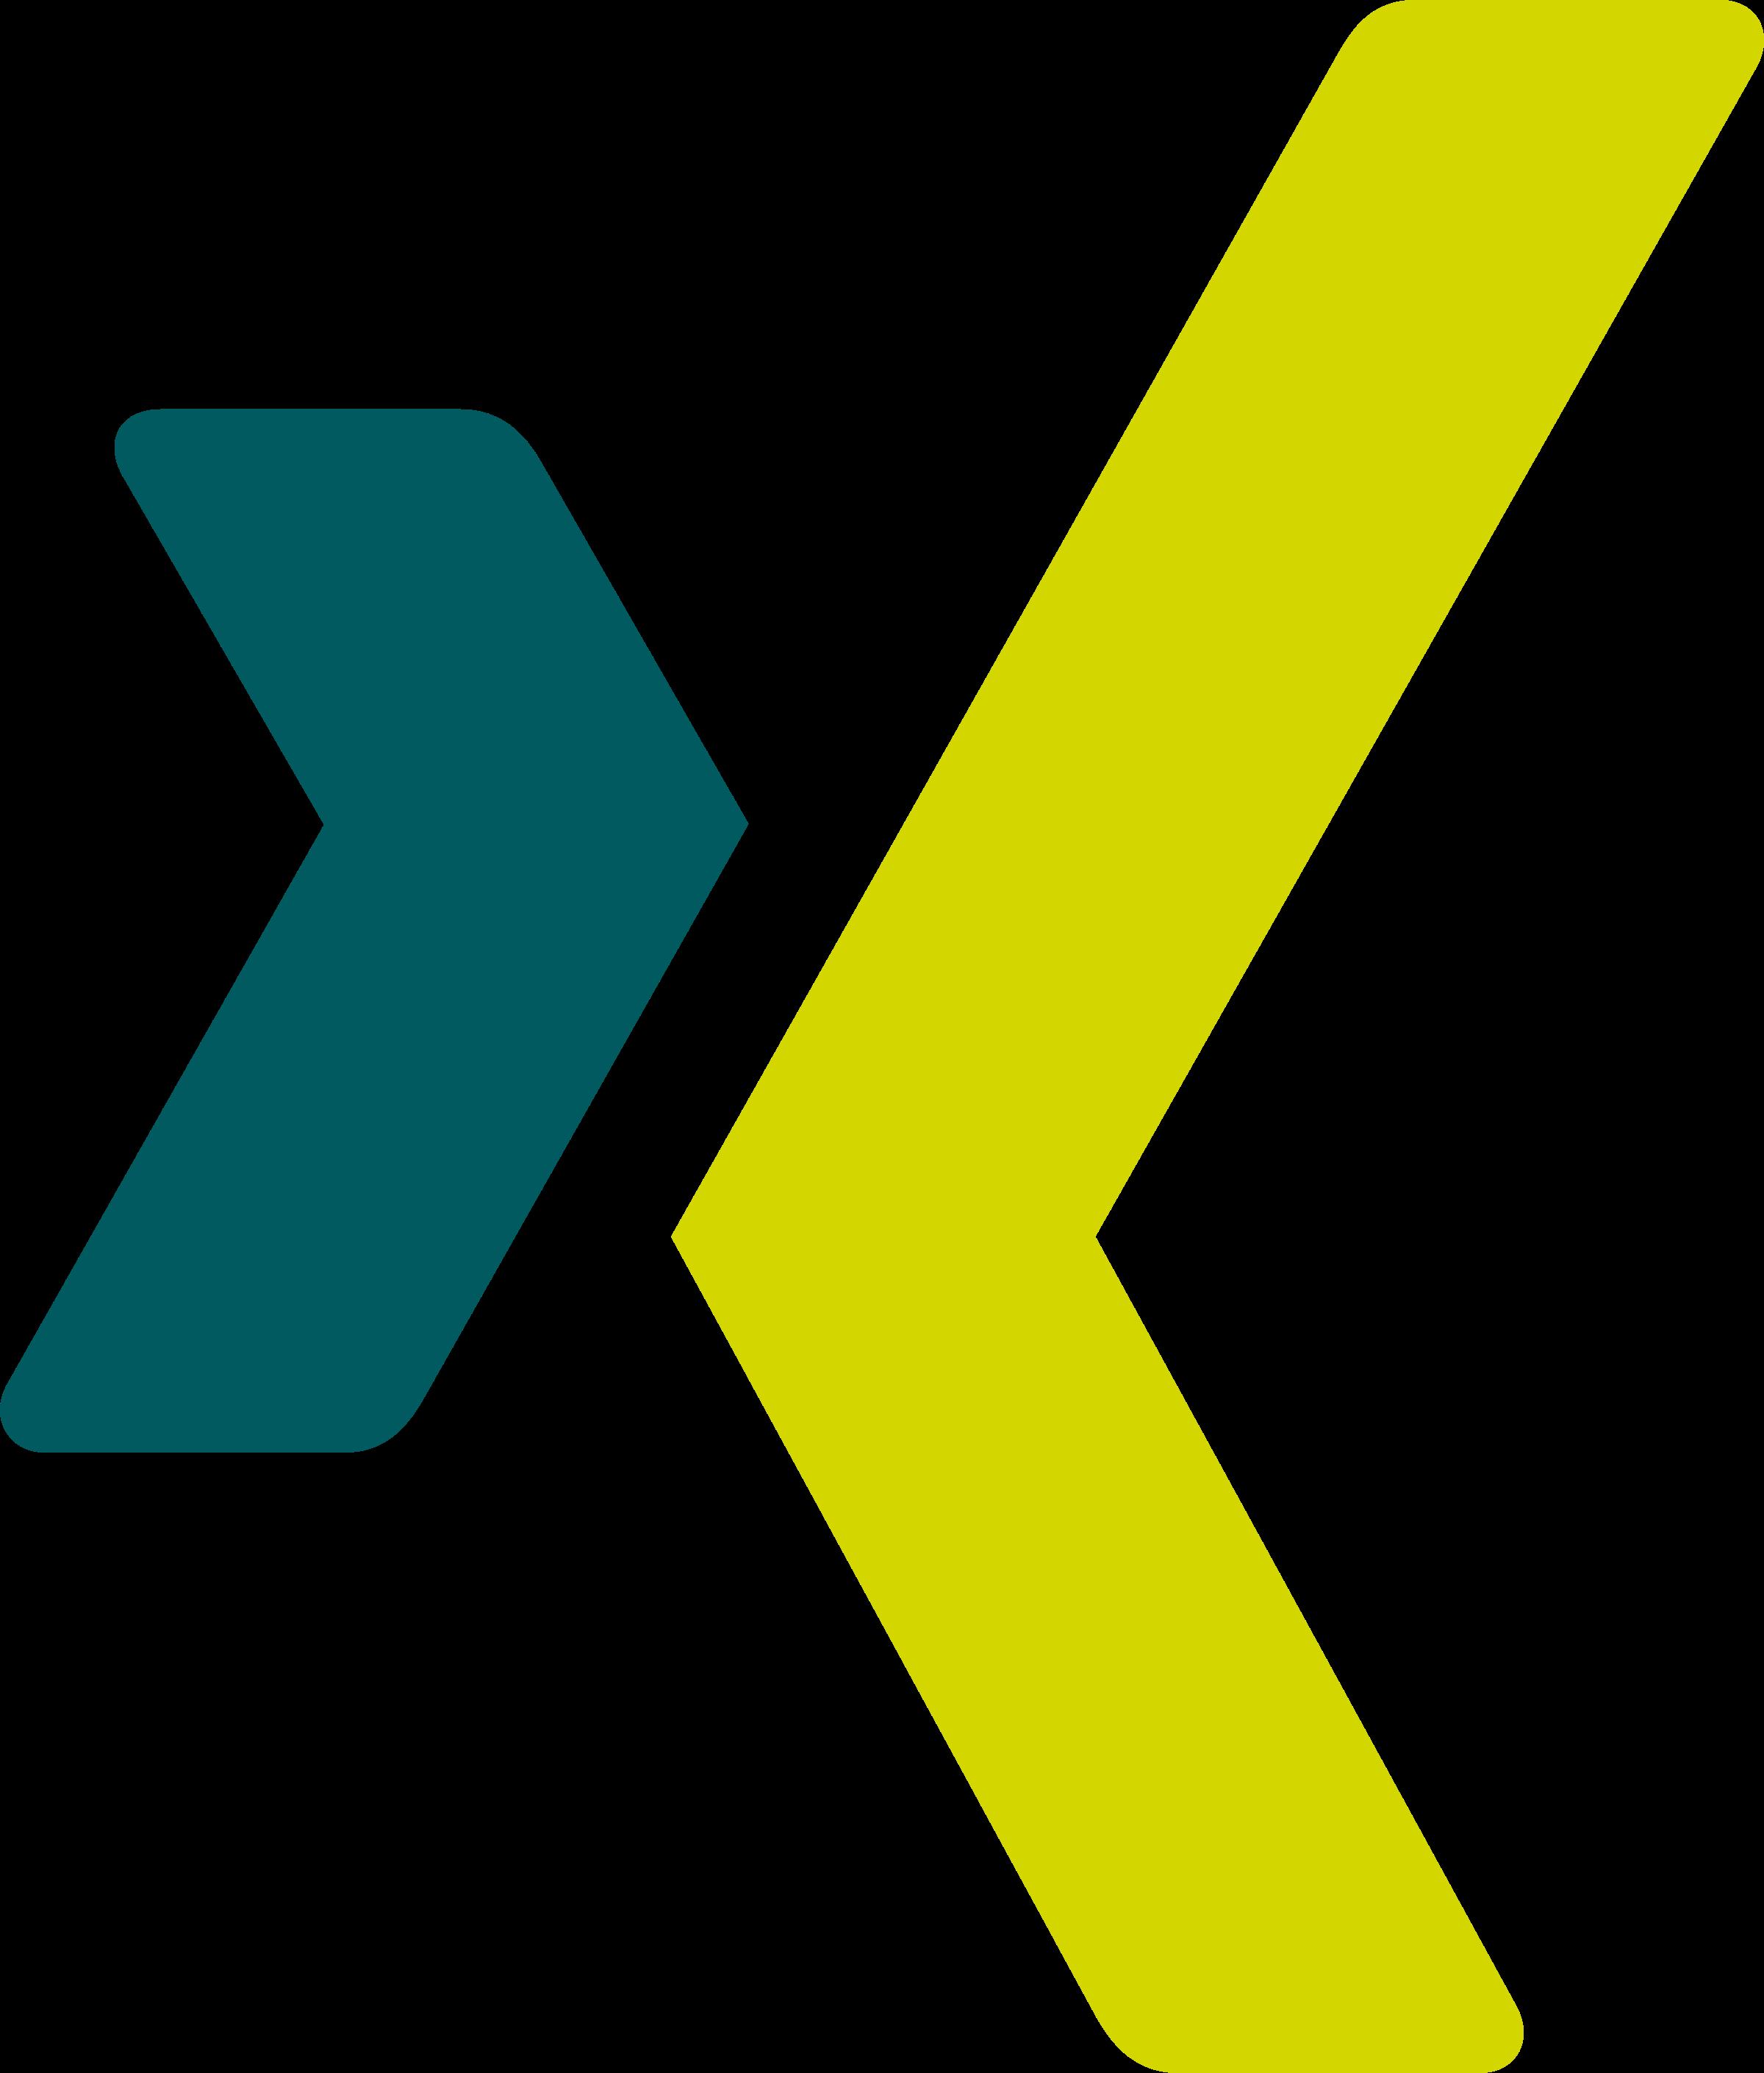 xing-2 - Deutscher Preis für Wirtschaftskommunikation